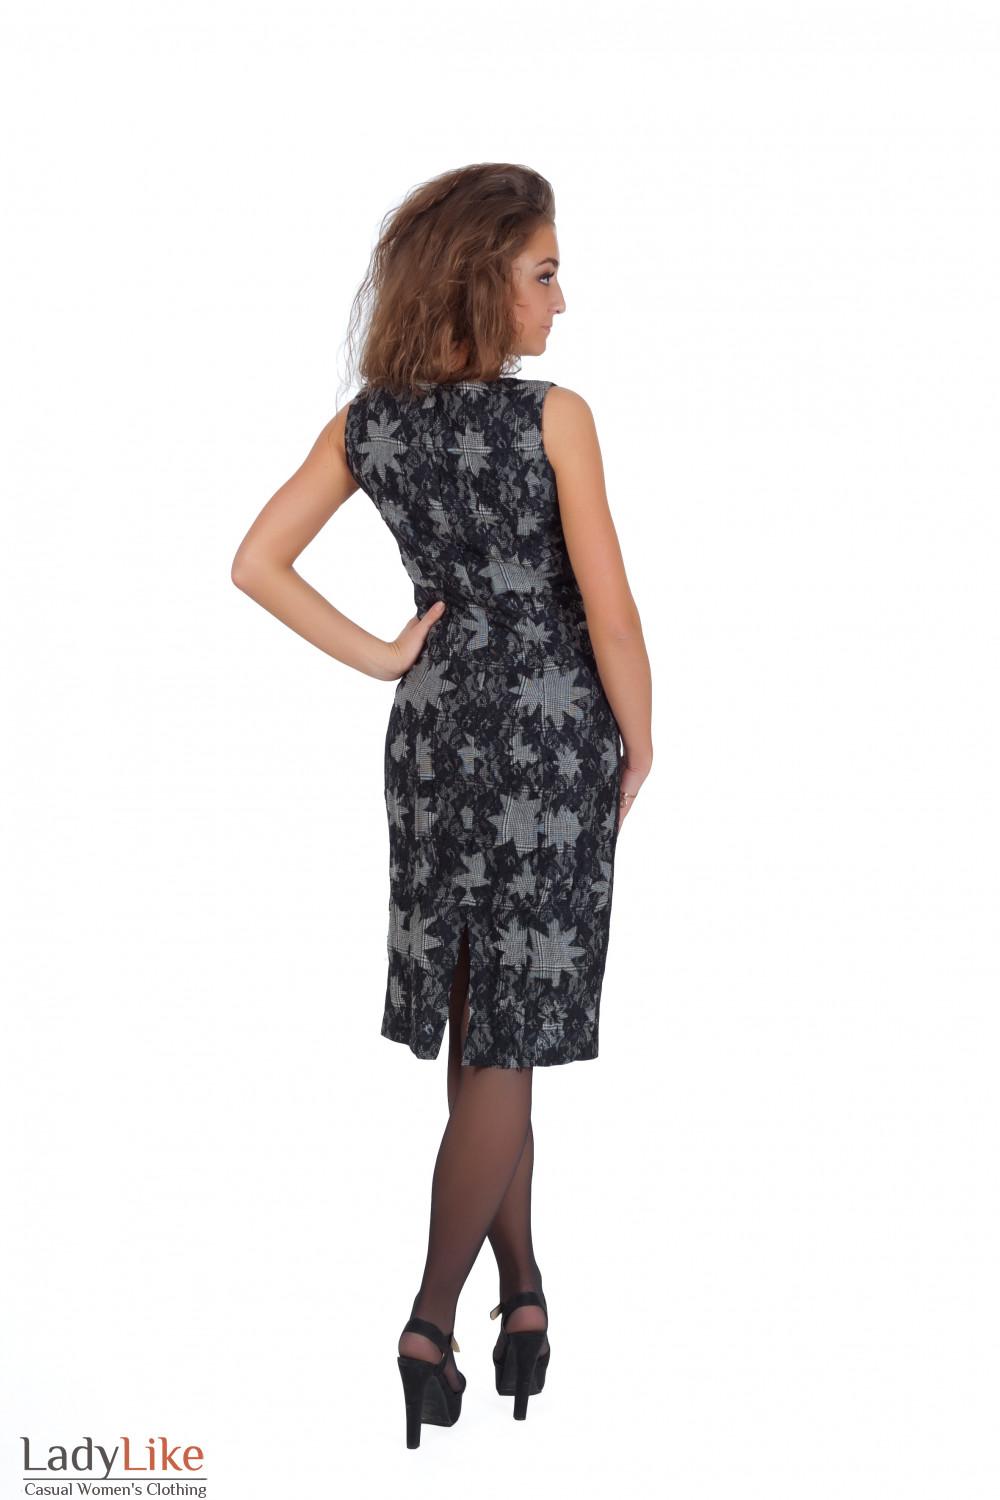 Фото Сарафан серый с черным кружевом вид сзади Деловая женская одежда